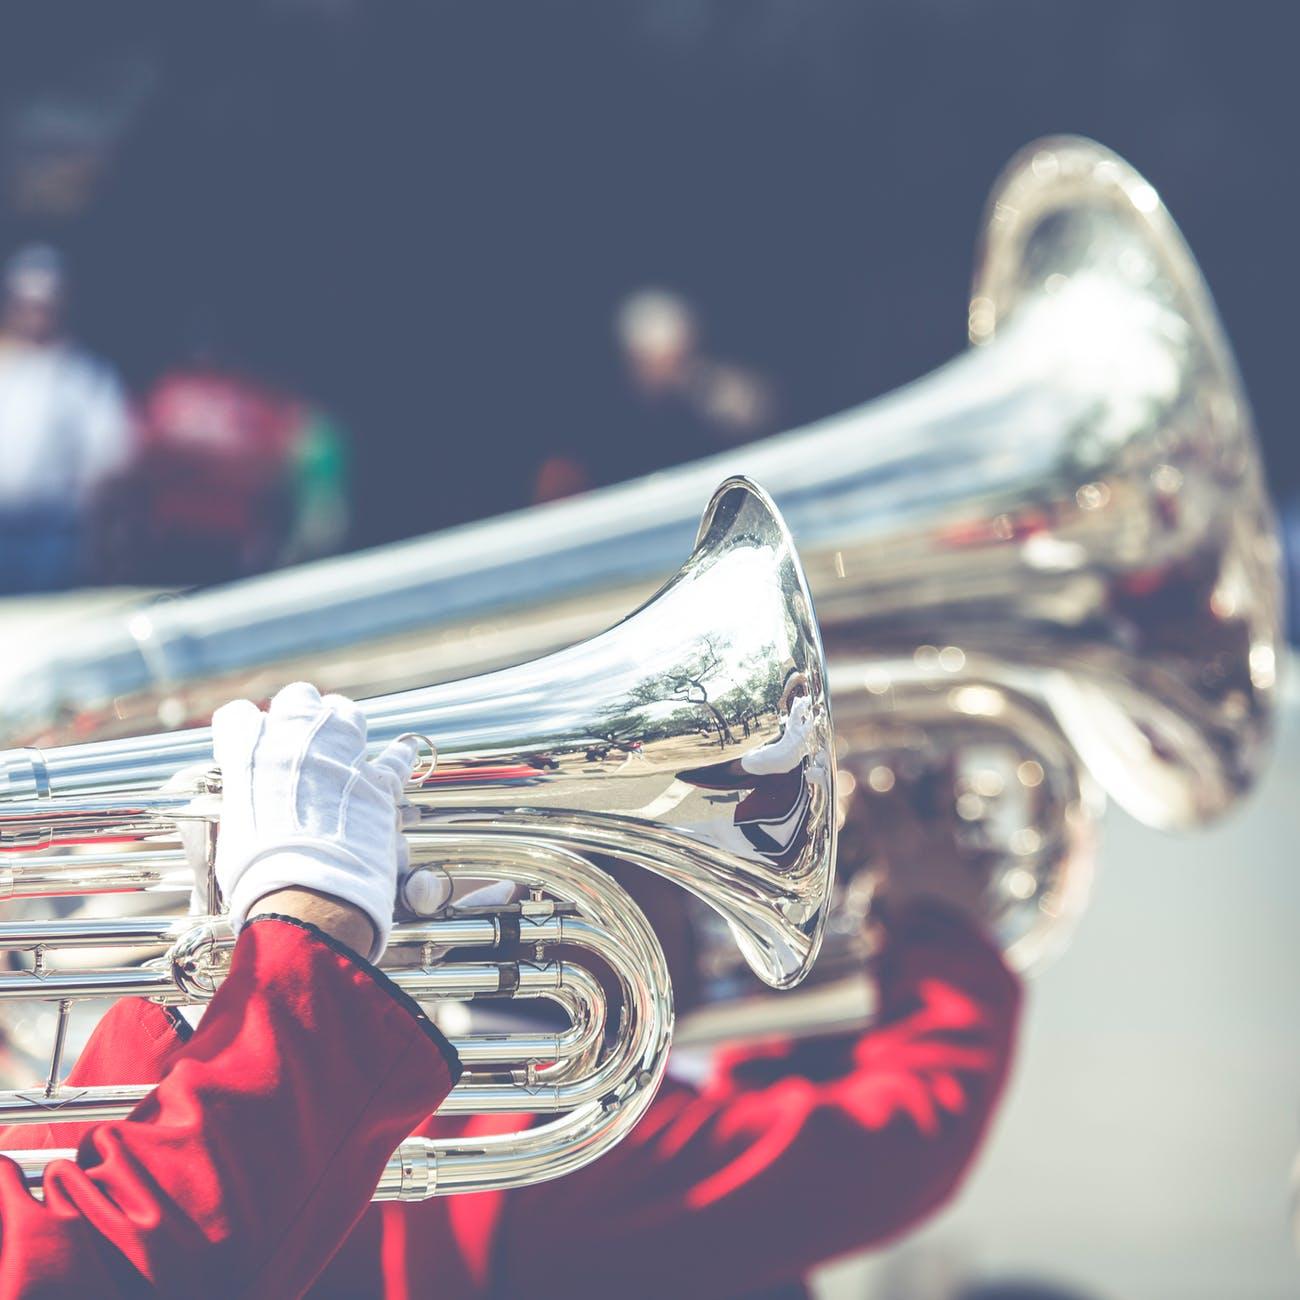 band blow blur brass